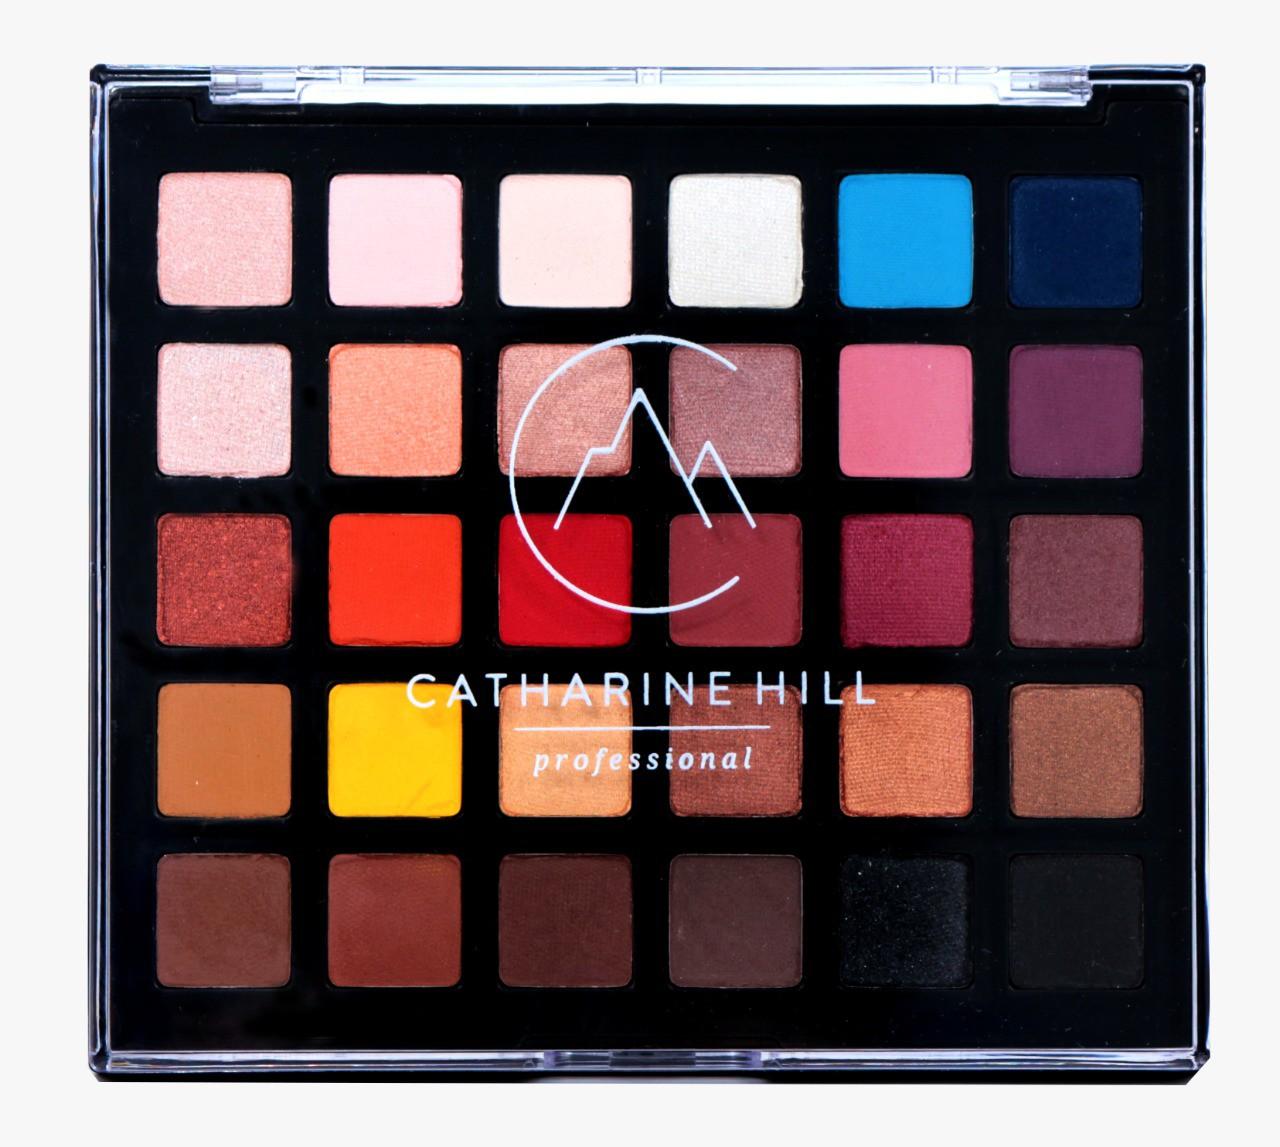 Paleta de Sombras Variadas 30 Cores Alta Pigmentação - Catharine Hill Edição 15 Anos